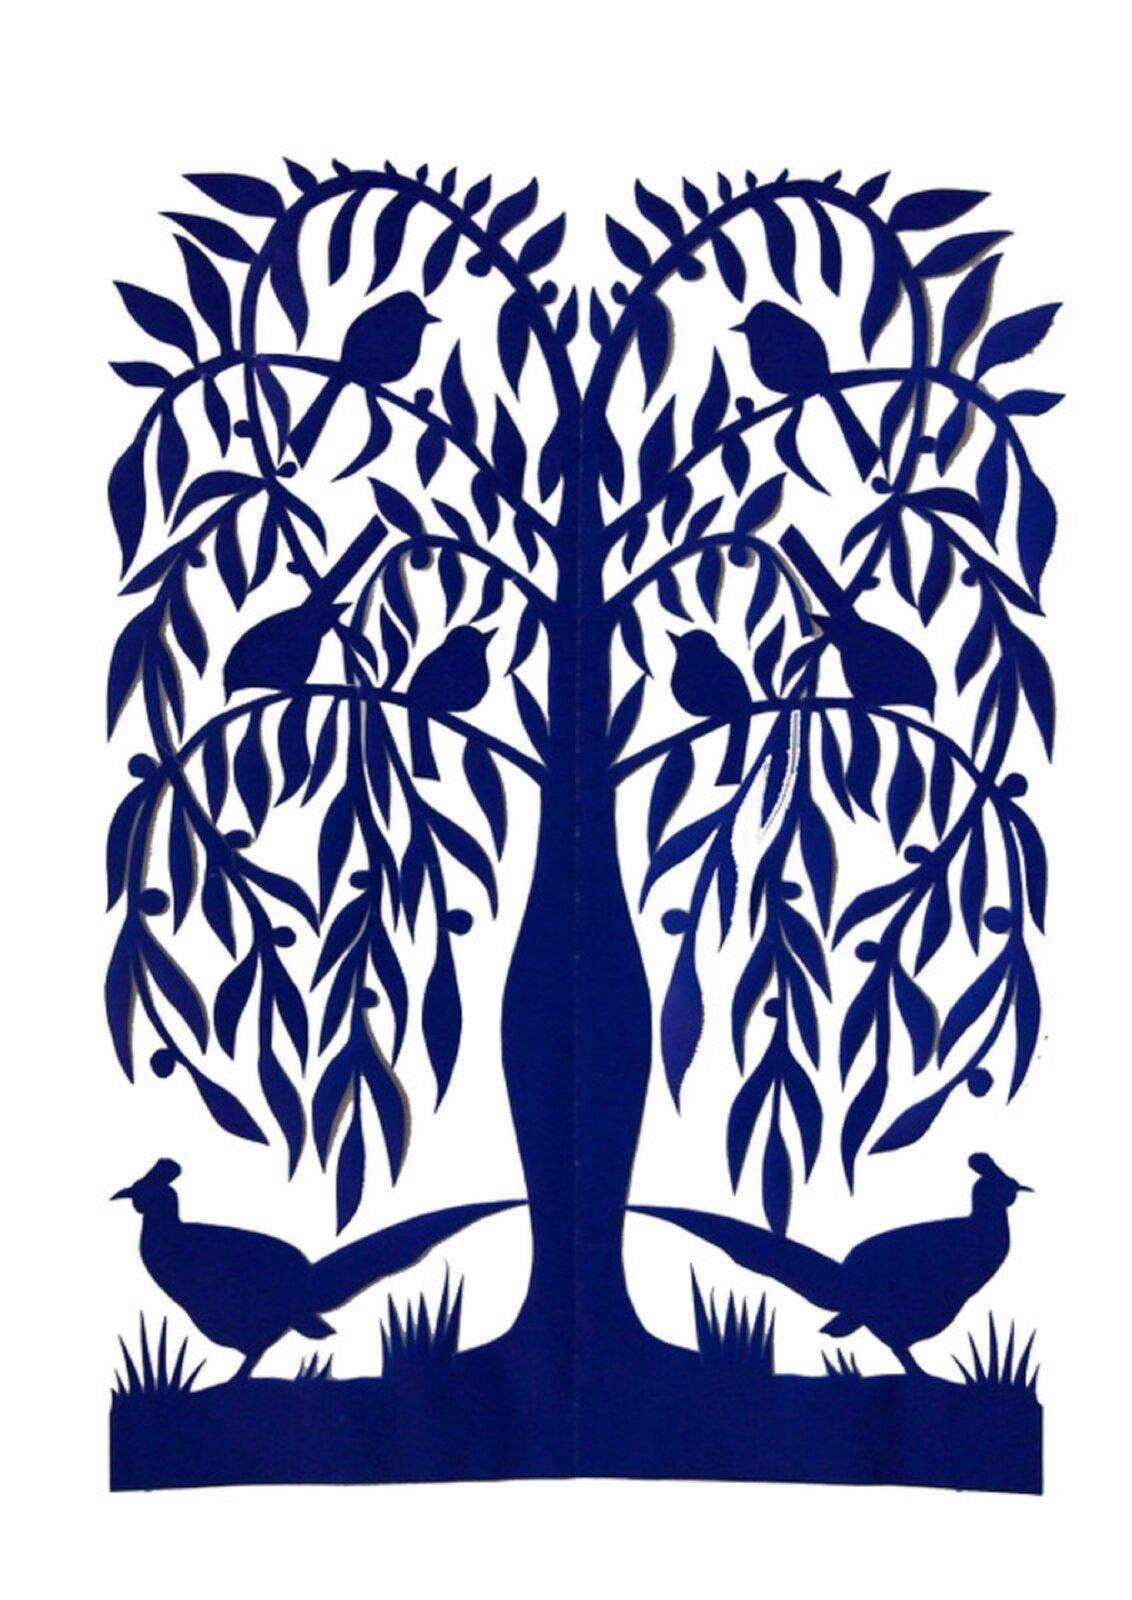 Ilustracja przedstawia sieradzką wierzbę. Jest to niebieski wzór wycinanki przedstawiający płaczącą wierzbę, na gałęziach której siedzą ptaki. Na ziemi wśród trawy pod wierzbą po obu stronach stoją bażanty.